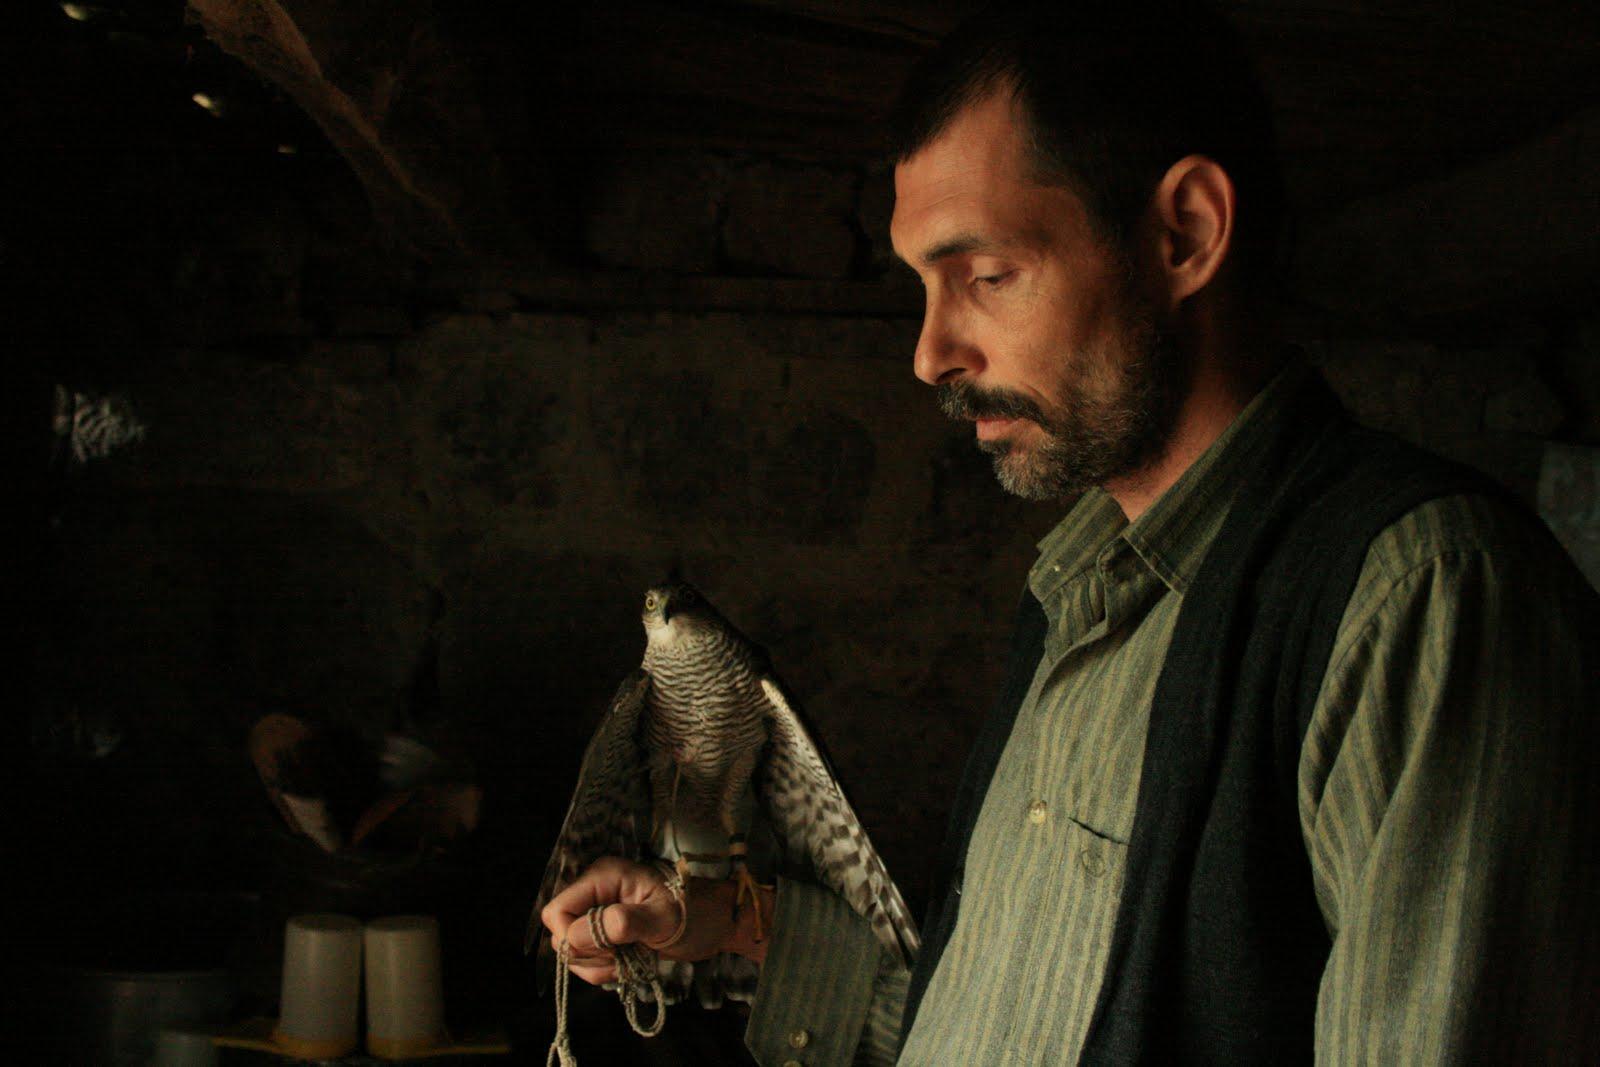 http://3.bp.blogspot.com/-rzbhQZ6kJxM/TnBiTsl93YI/AAAAAAAAAxc/BnoADnkk7uA/s1600/Honey-Bal-Film-Review.jpg